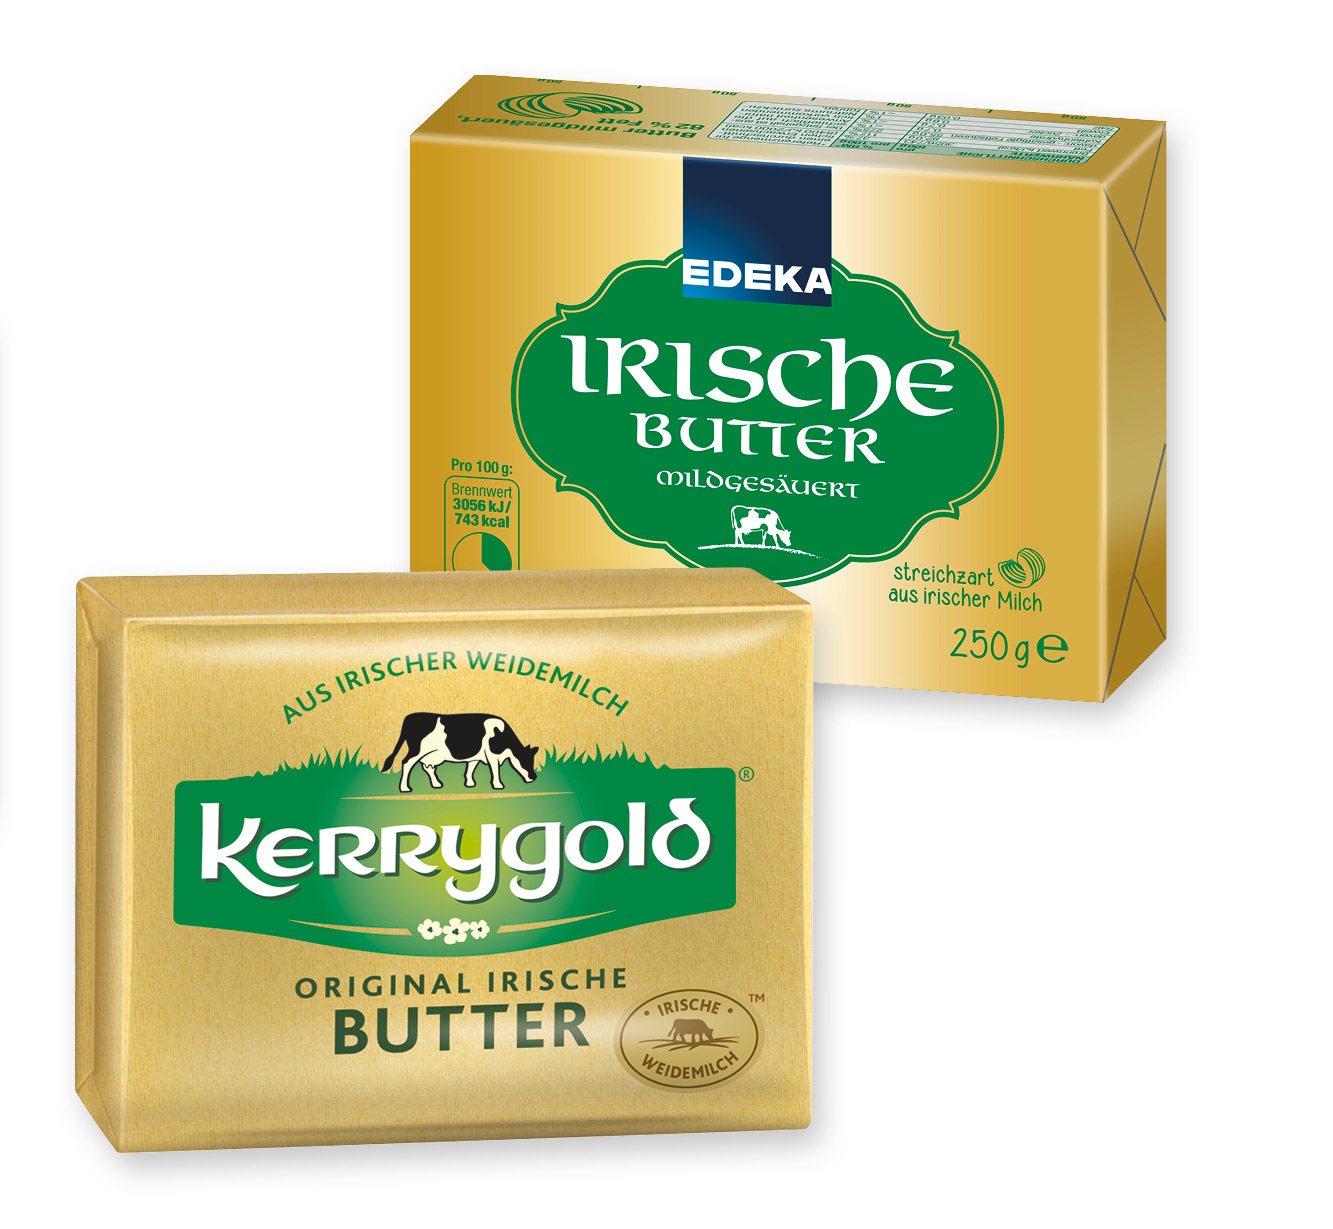 EDEKA oder kerrygold Irische Butter